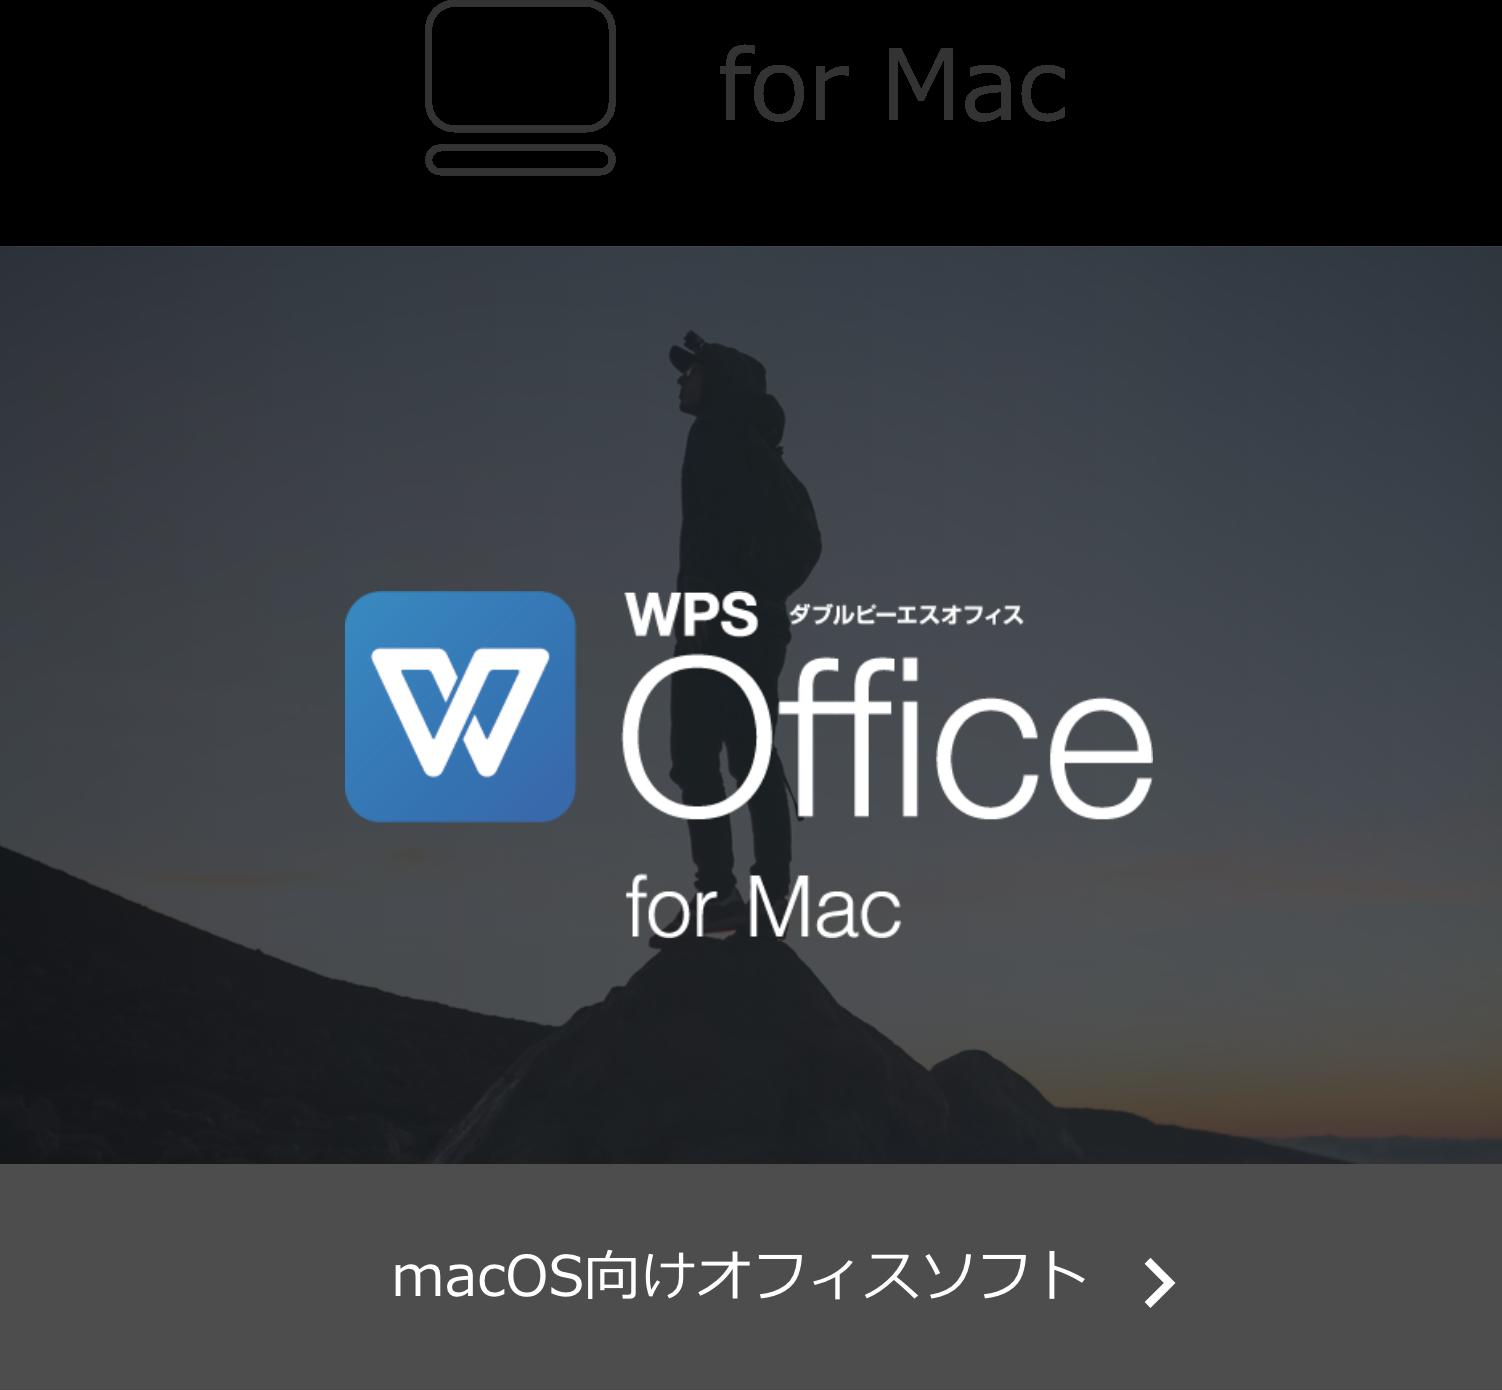 パソコン向けオフィスソフト